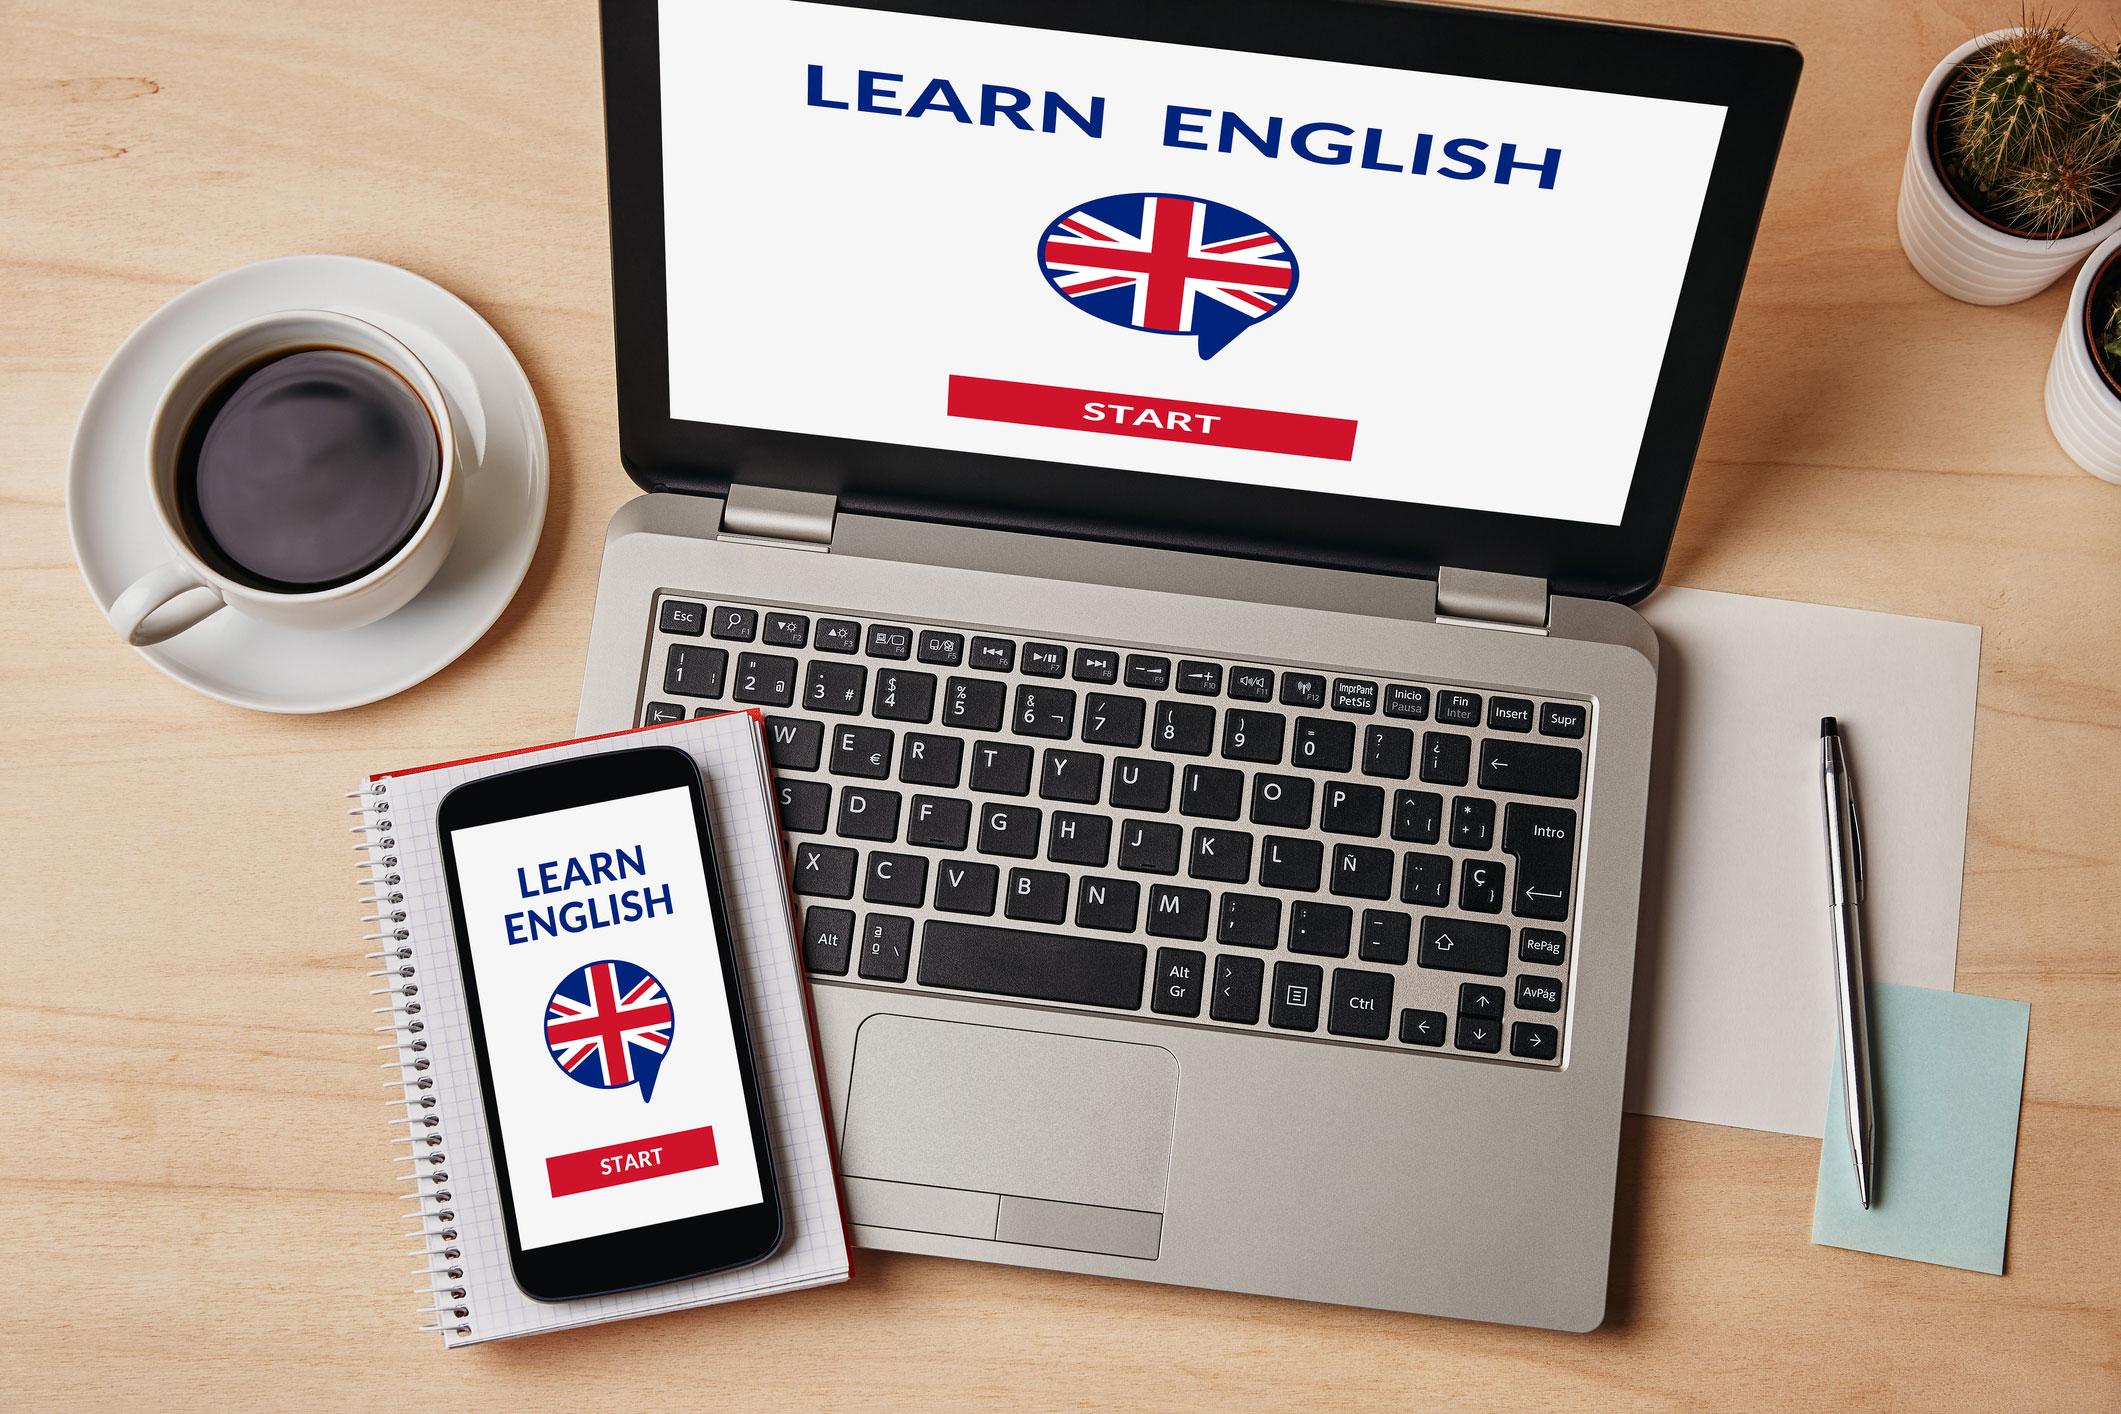 Inicio Icp Cursos Profesionales De Ingles Medico Y Para Empresas